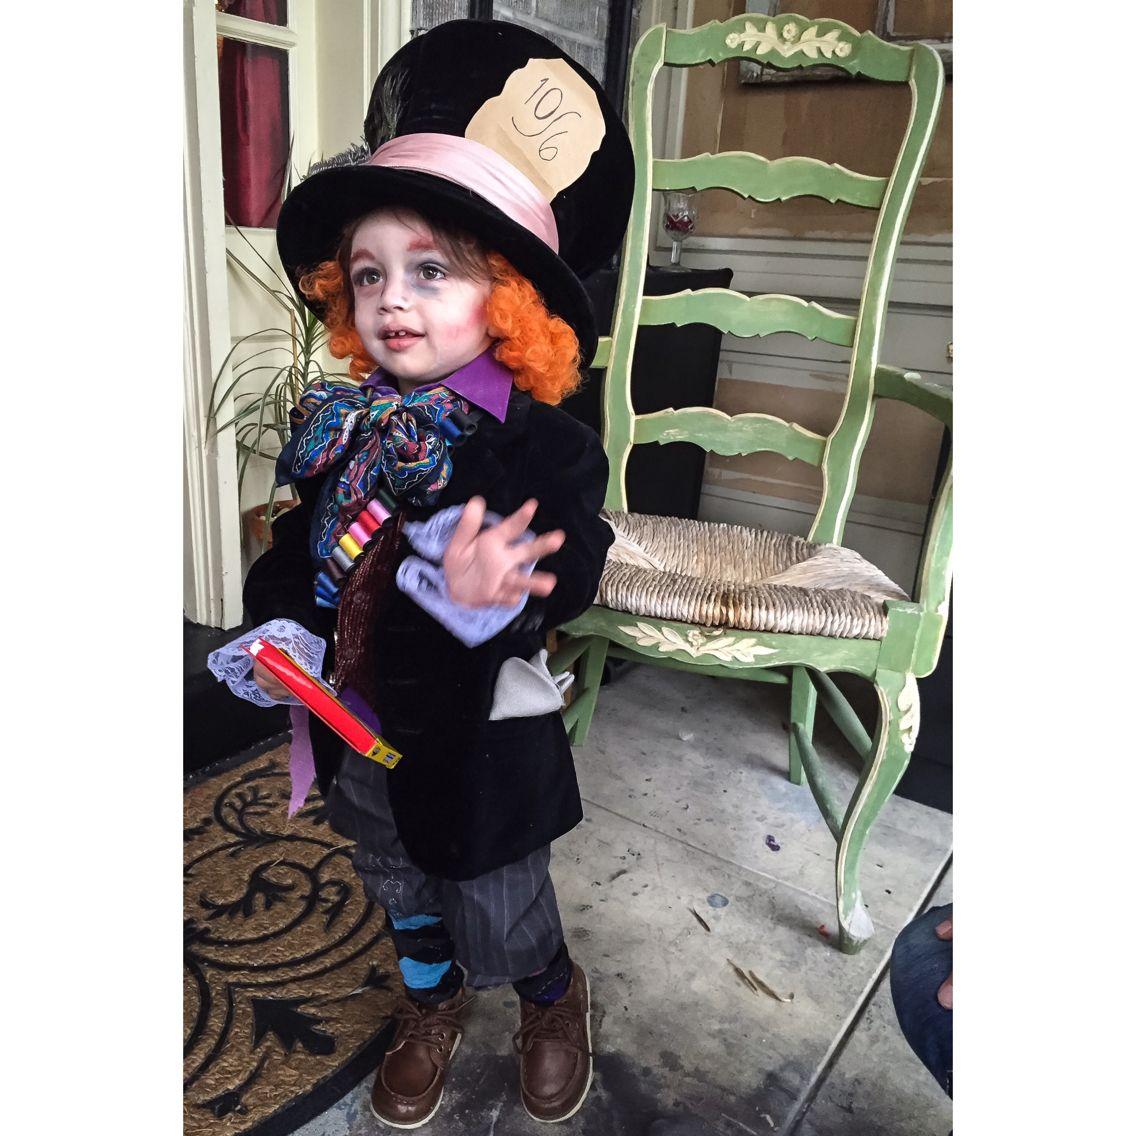 Diy Mad Hatter Tim Burton Alice In Wonderland Toddler Costume Mad Hatter Costume Kids Toddler Costumes Tim Burton Halloween Costumes